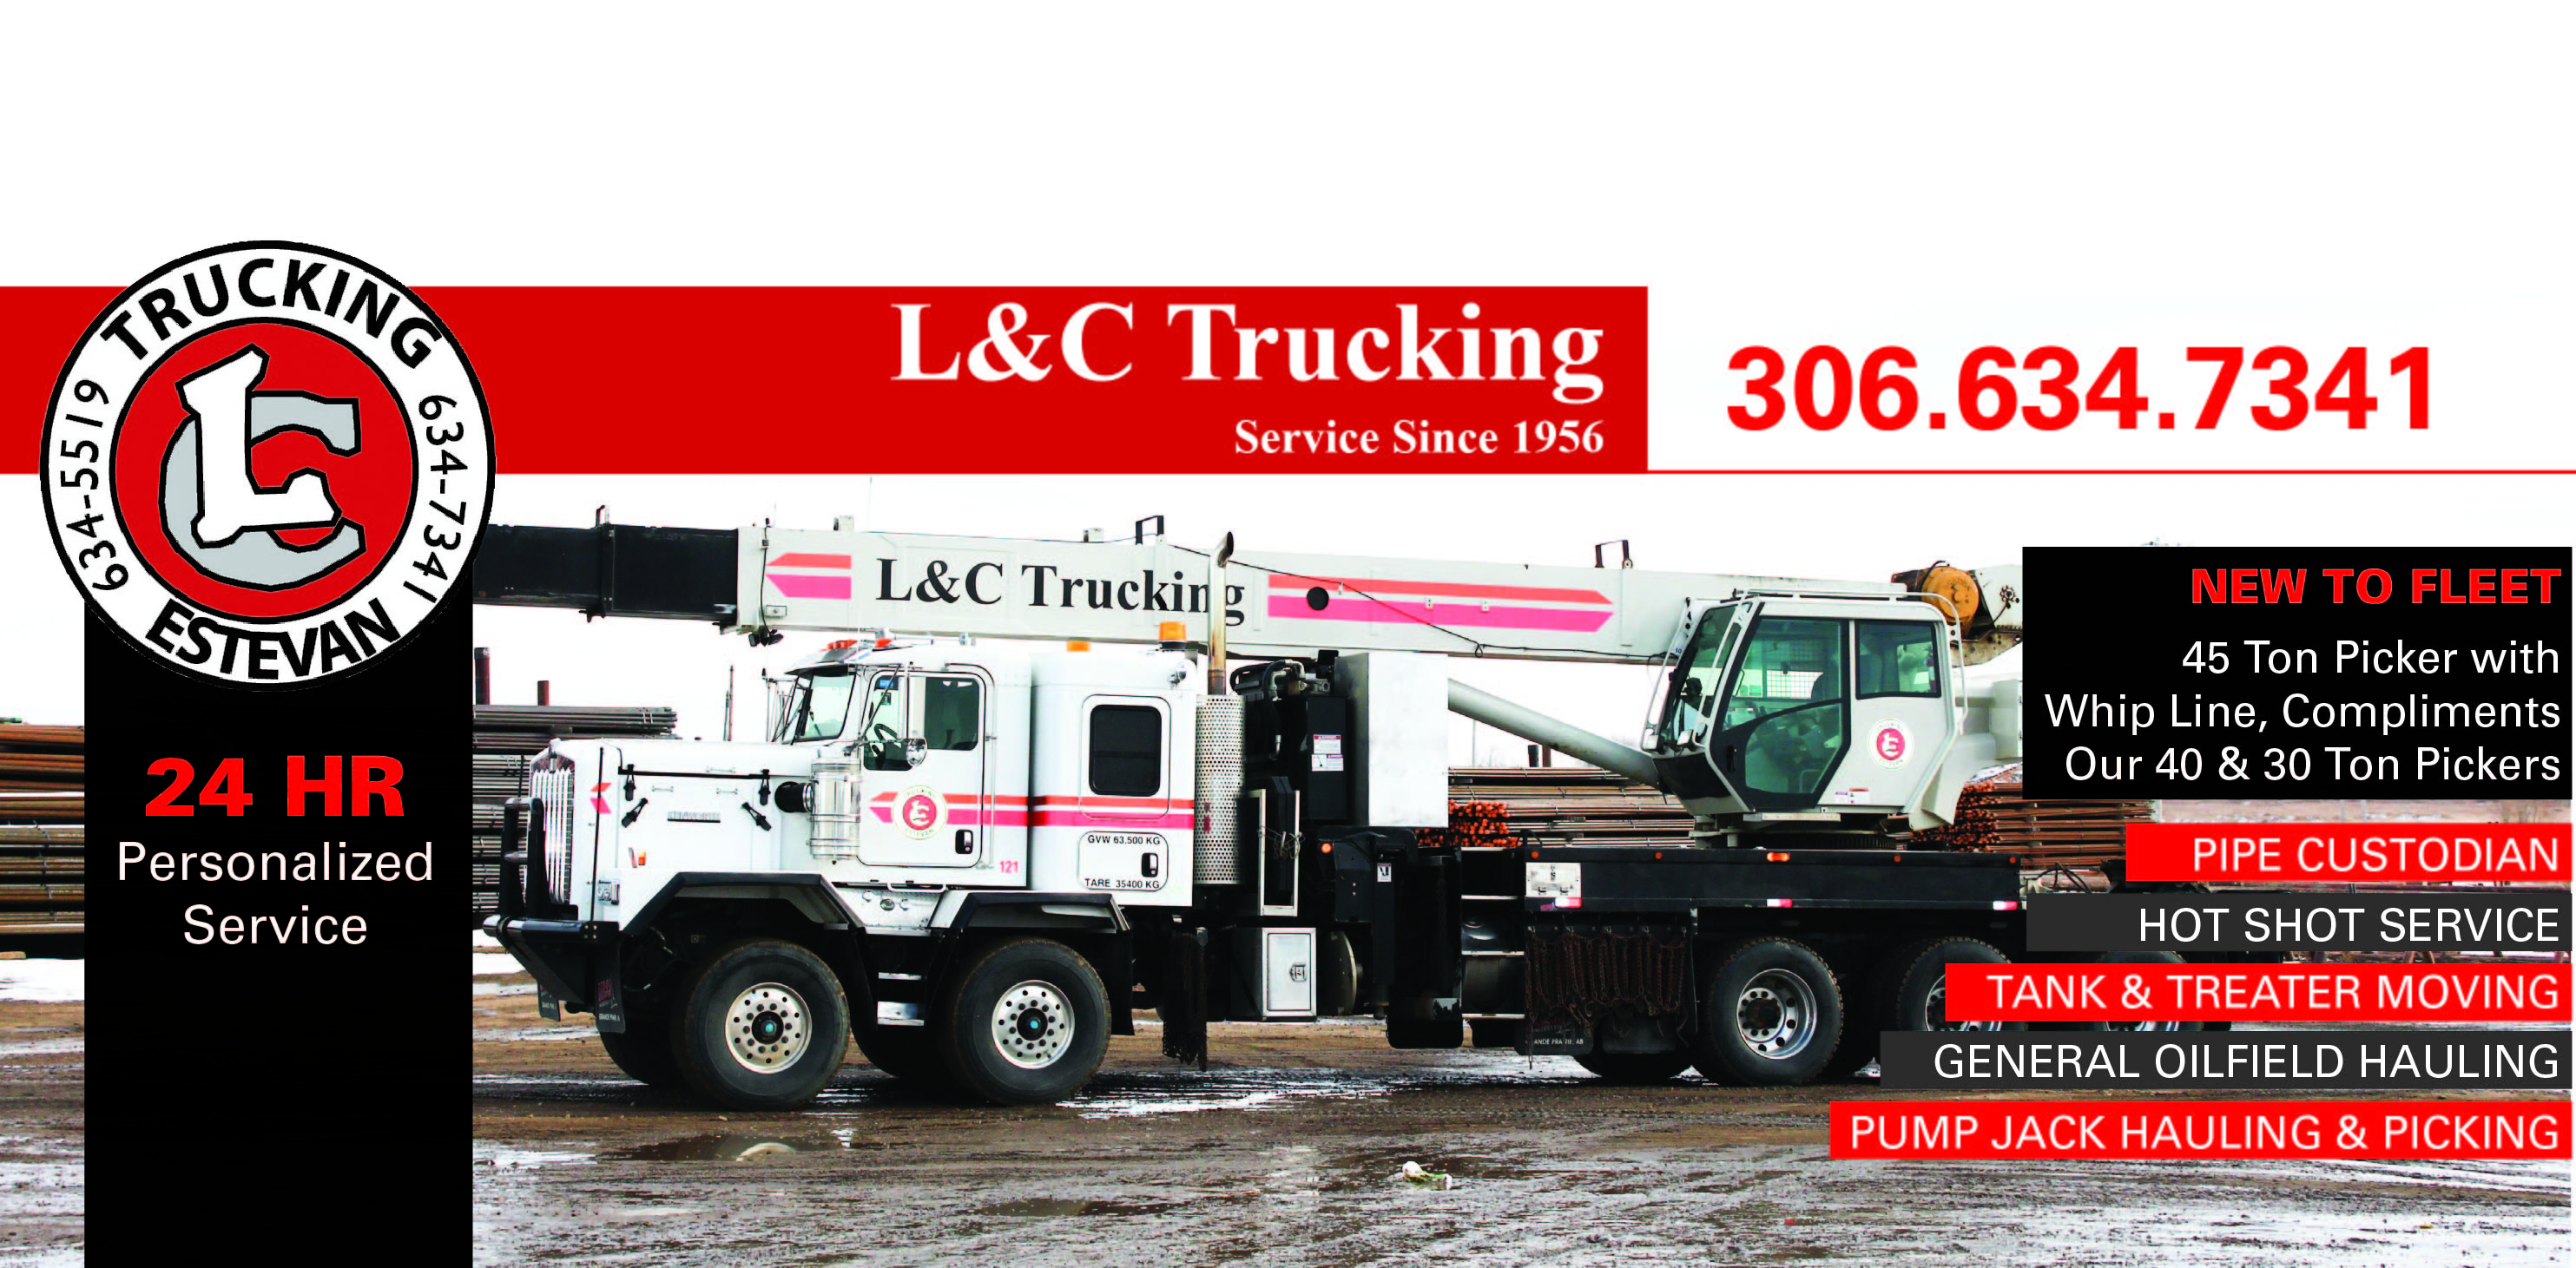 L&C Trucking